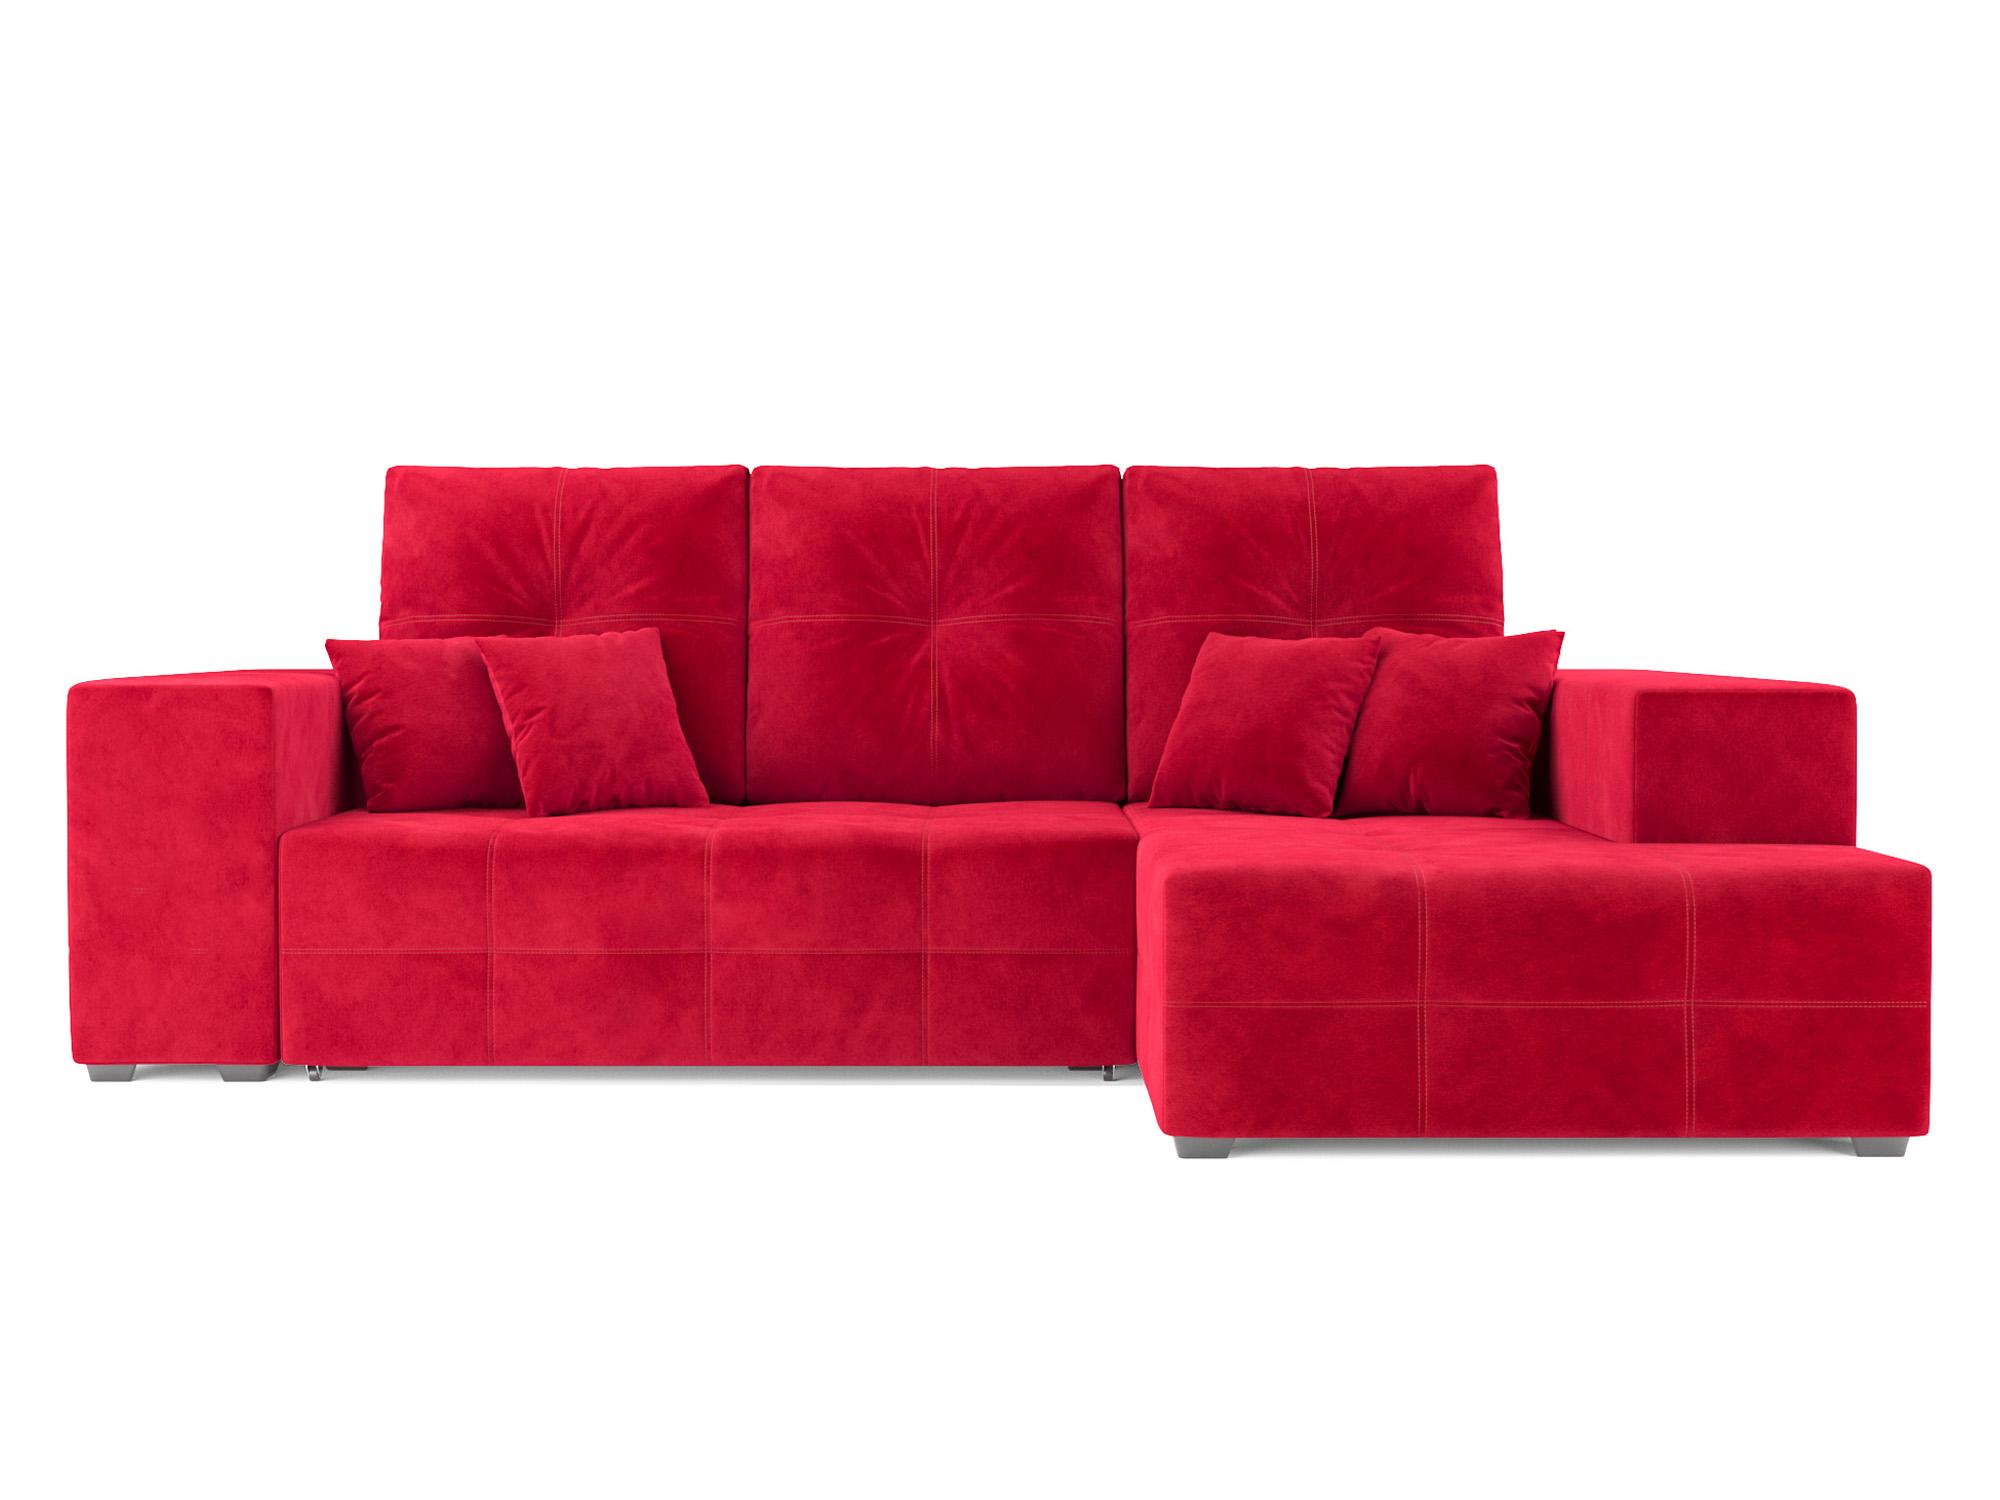 Угловой диван Монреаль Правый угол MebelVia Красный, Микровельвет Красный